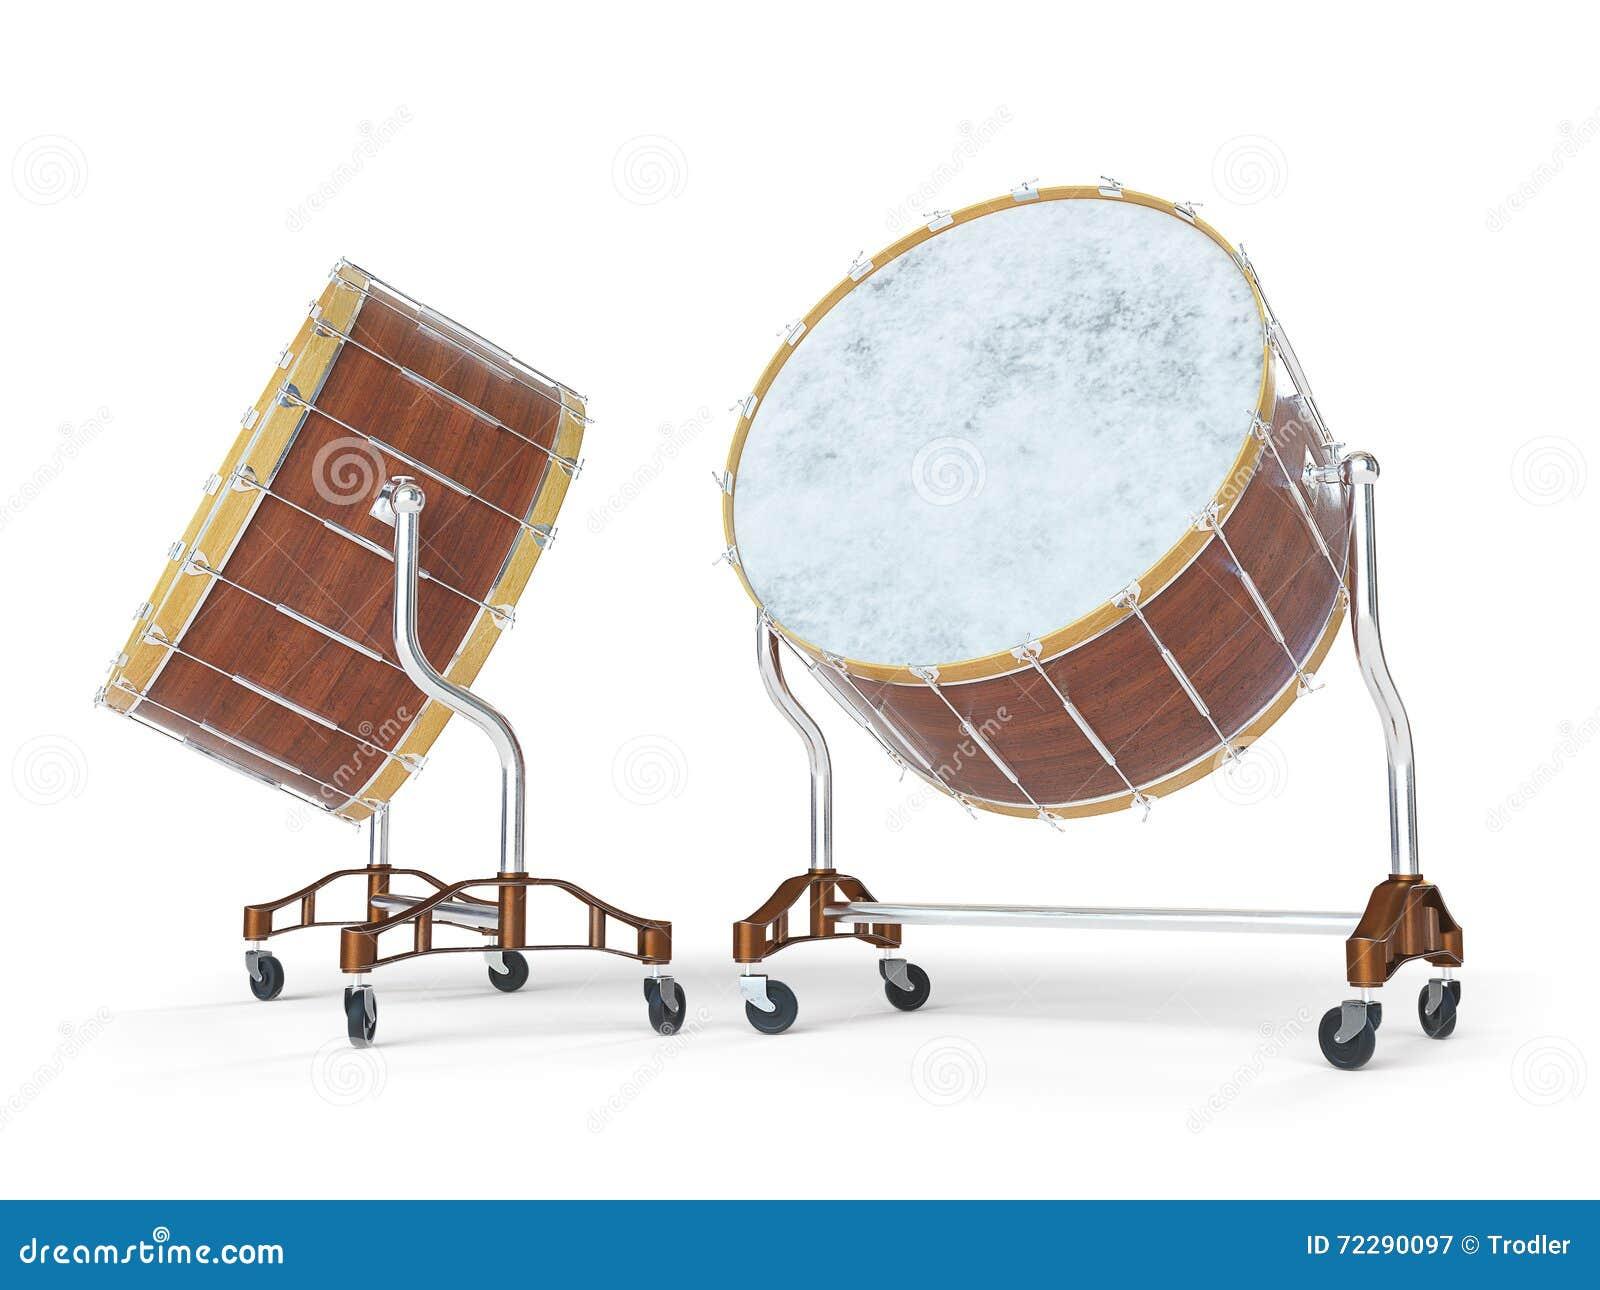 Download Барабанчик оркестра большой на белом переводе 3D Иллюстрация штока - иллюстрации насчитывающей театр, инструмент: 72290097